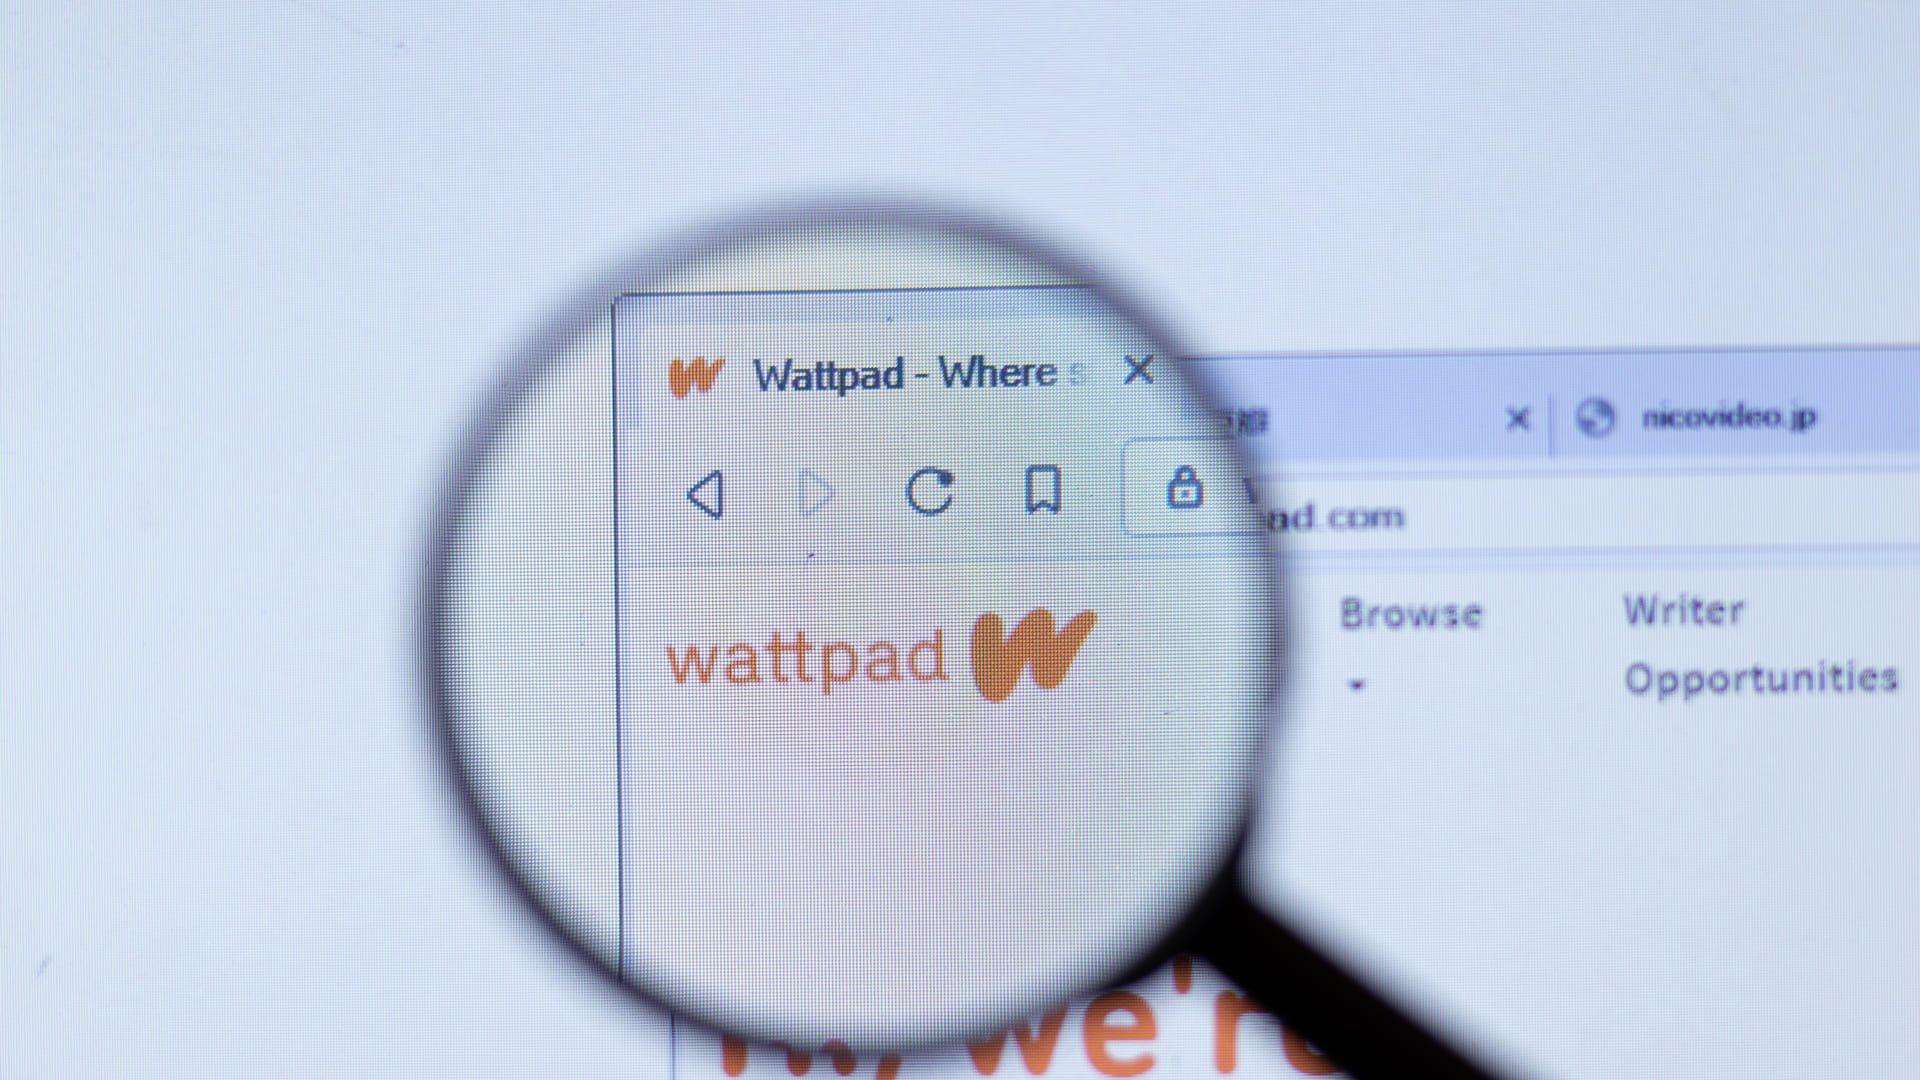 É possível acessar o Wattpad pelo navegador web (Foto: Shutterstock)